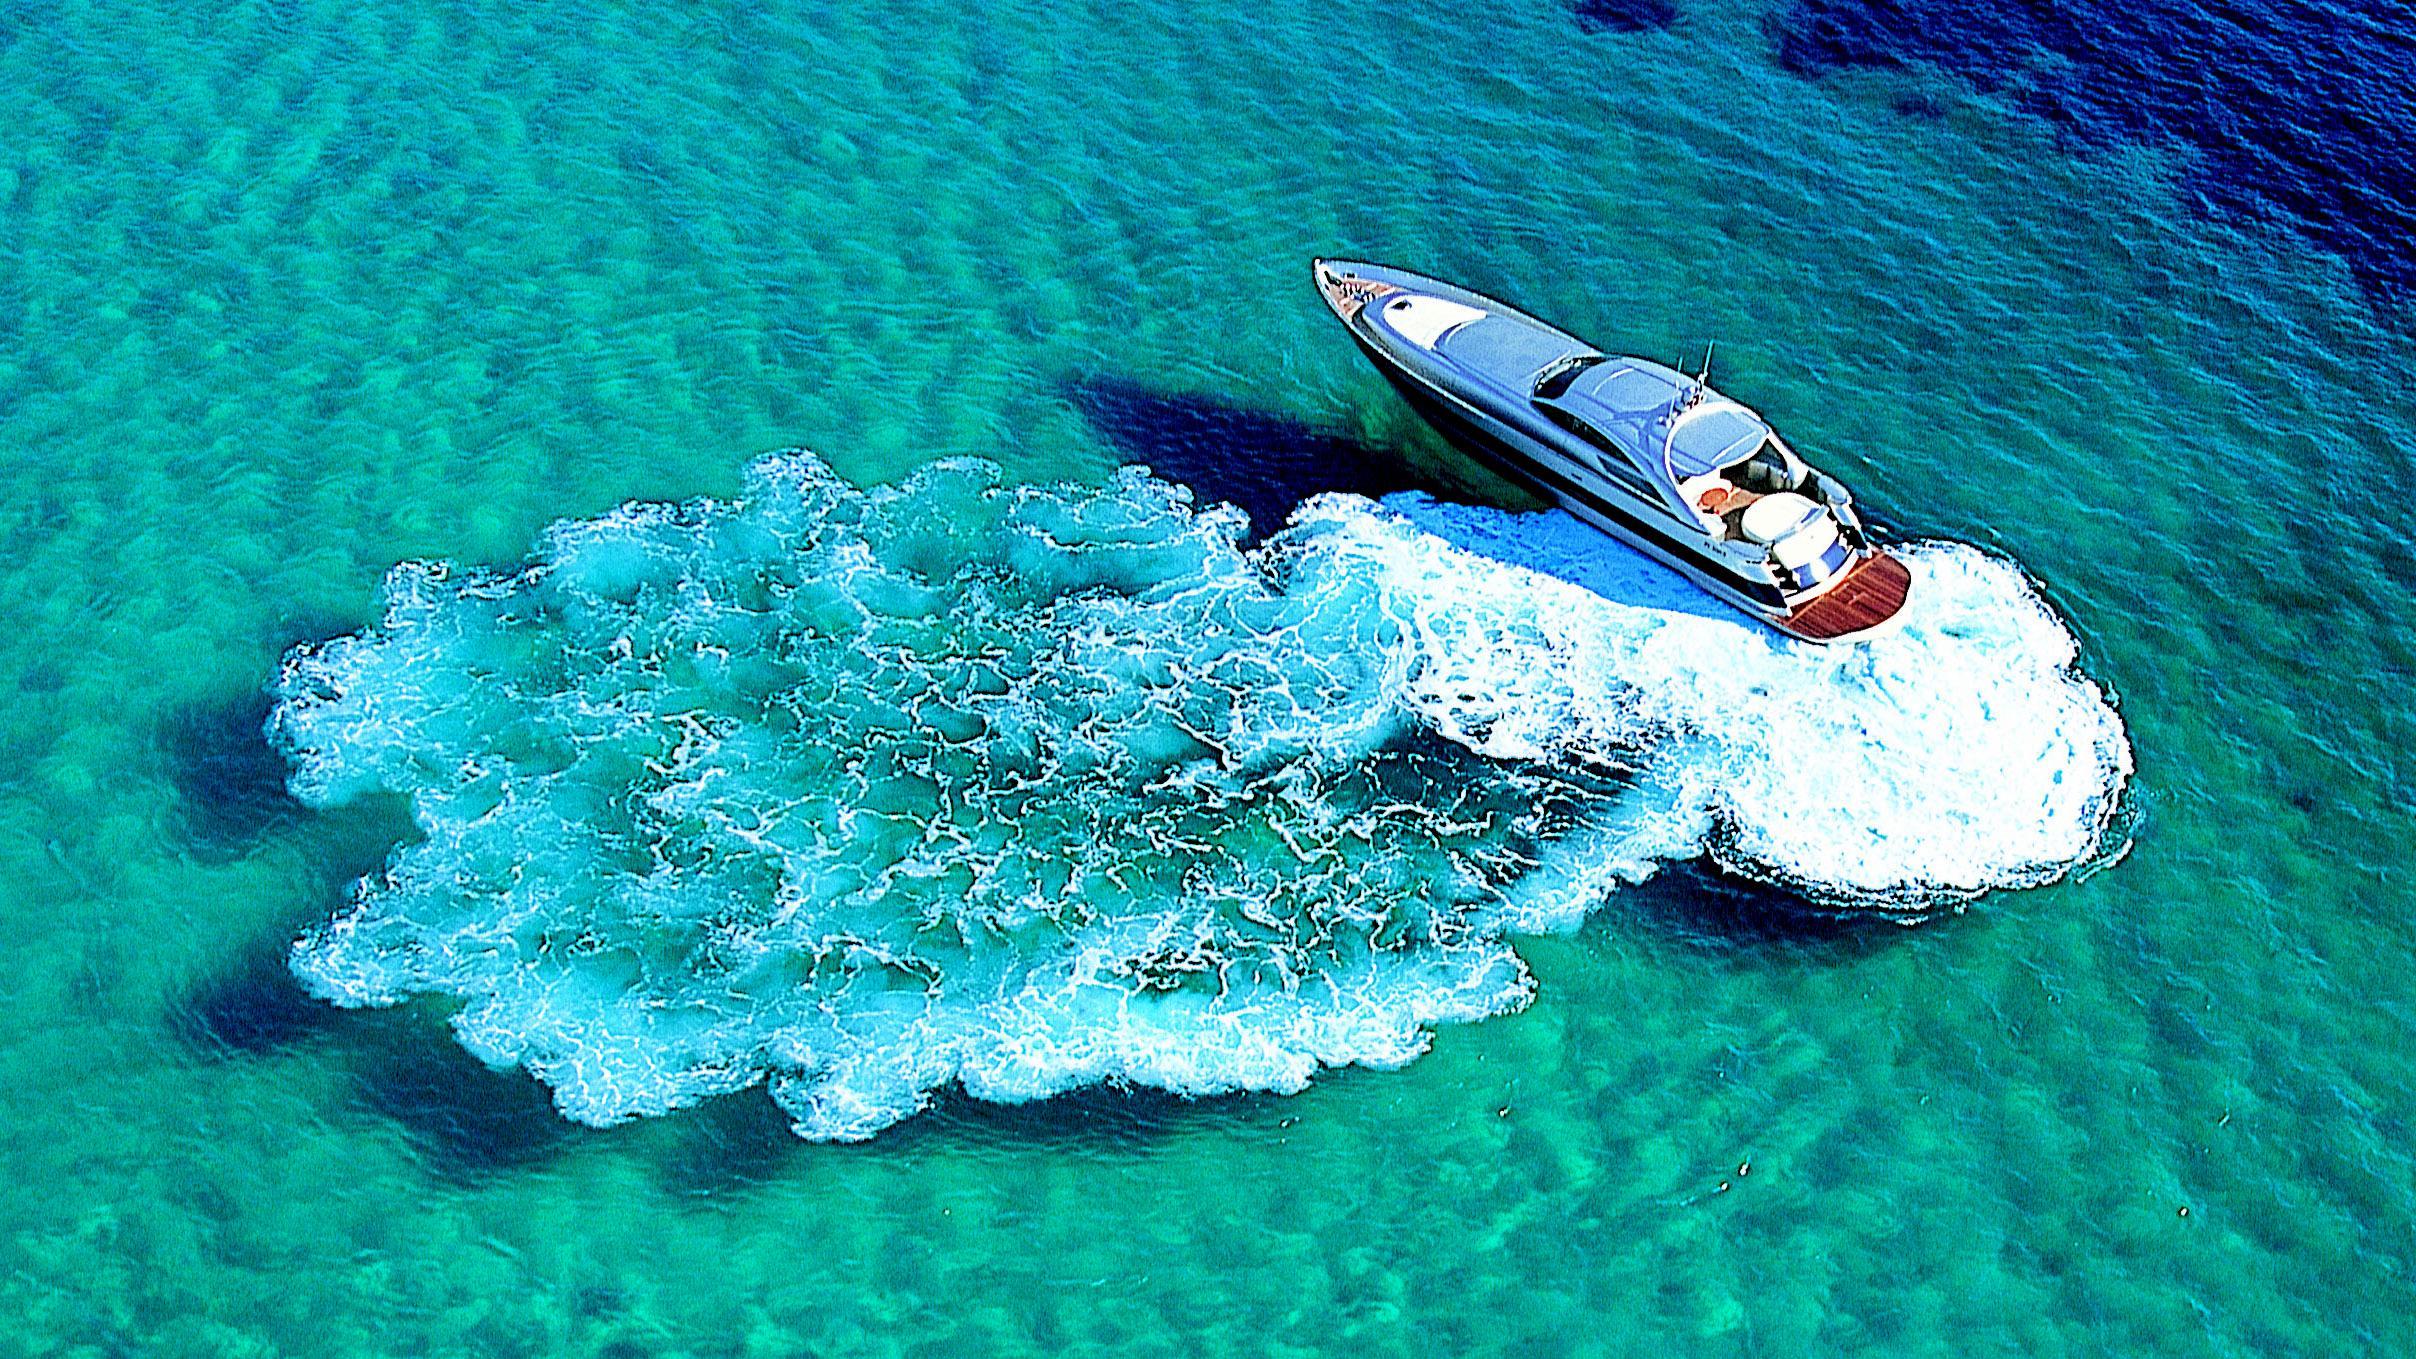 aploplaniti-motor-yacht-pershing-88-2002-27m-aerial